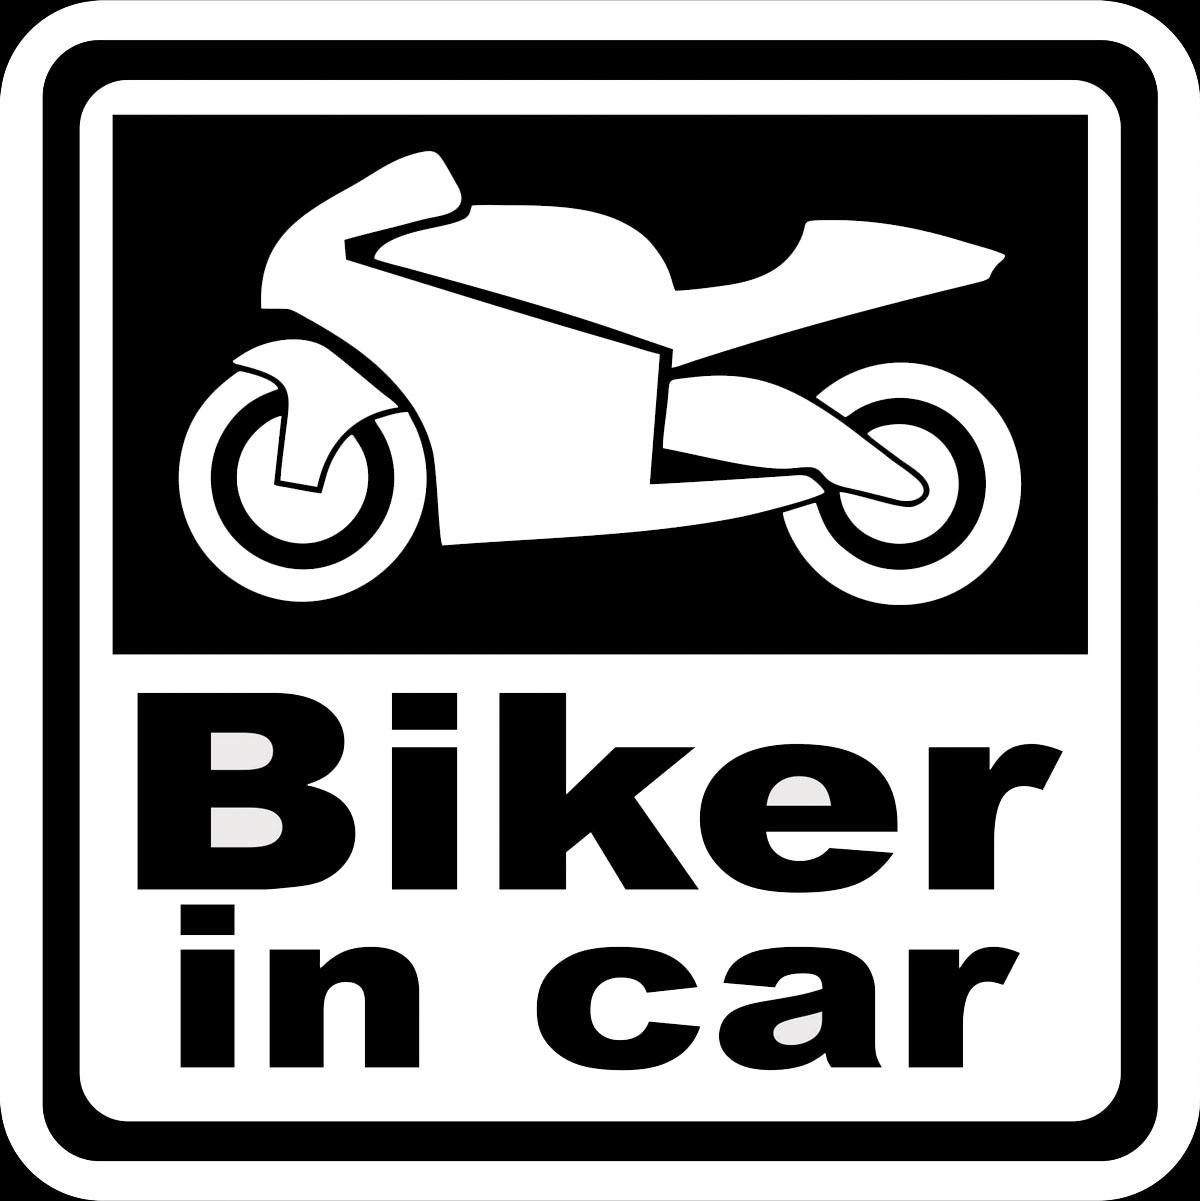 Наклейка автомобильная Оранжевый слоник Biker in Car, виниловая, цвет: белый150MT00021WОригинальная наклейка Оранжевый слоник Biker in Car изготовлена из высококачественной виниловой пленки, которая выполняет не только декоративную функцию, но и защищает кузов автомобиля от небольших механических повреждений, либо скрывает уже существующие. Виниловые наклейки на автомобиль - это не только красиво, но еще и быстро! Всего за несколько минут вы можете полностью преобразить свой автомобиль, сделать его ярким, необычным, особенным и неповторимым!